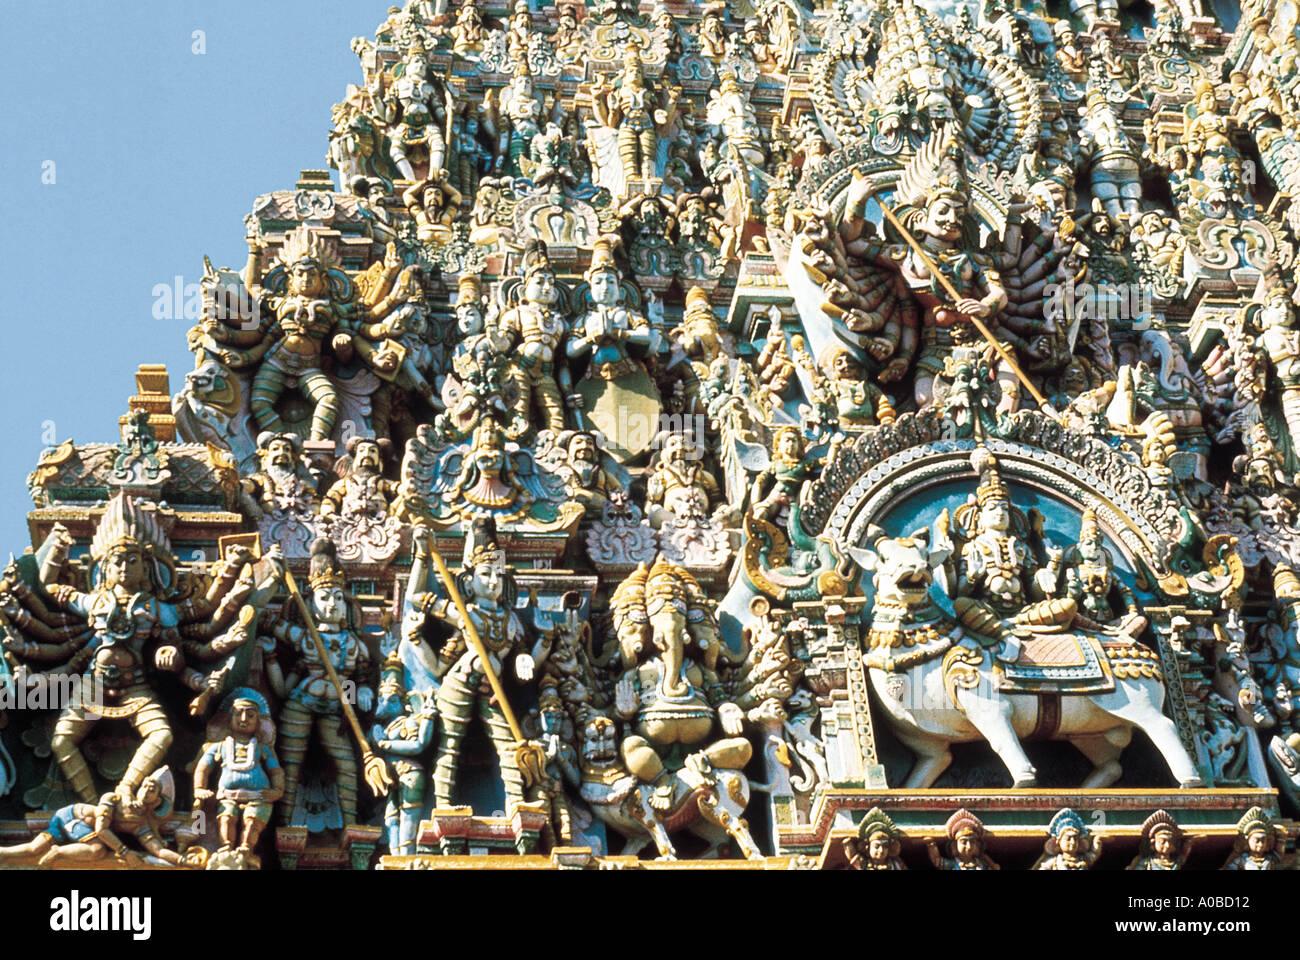 Stucco sculptures. Minakshi Sundaresvara or Meenakshi Amman Temple. Madurai, Tamilnadu, India. Dated: 1100 A.D. - Stock Image